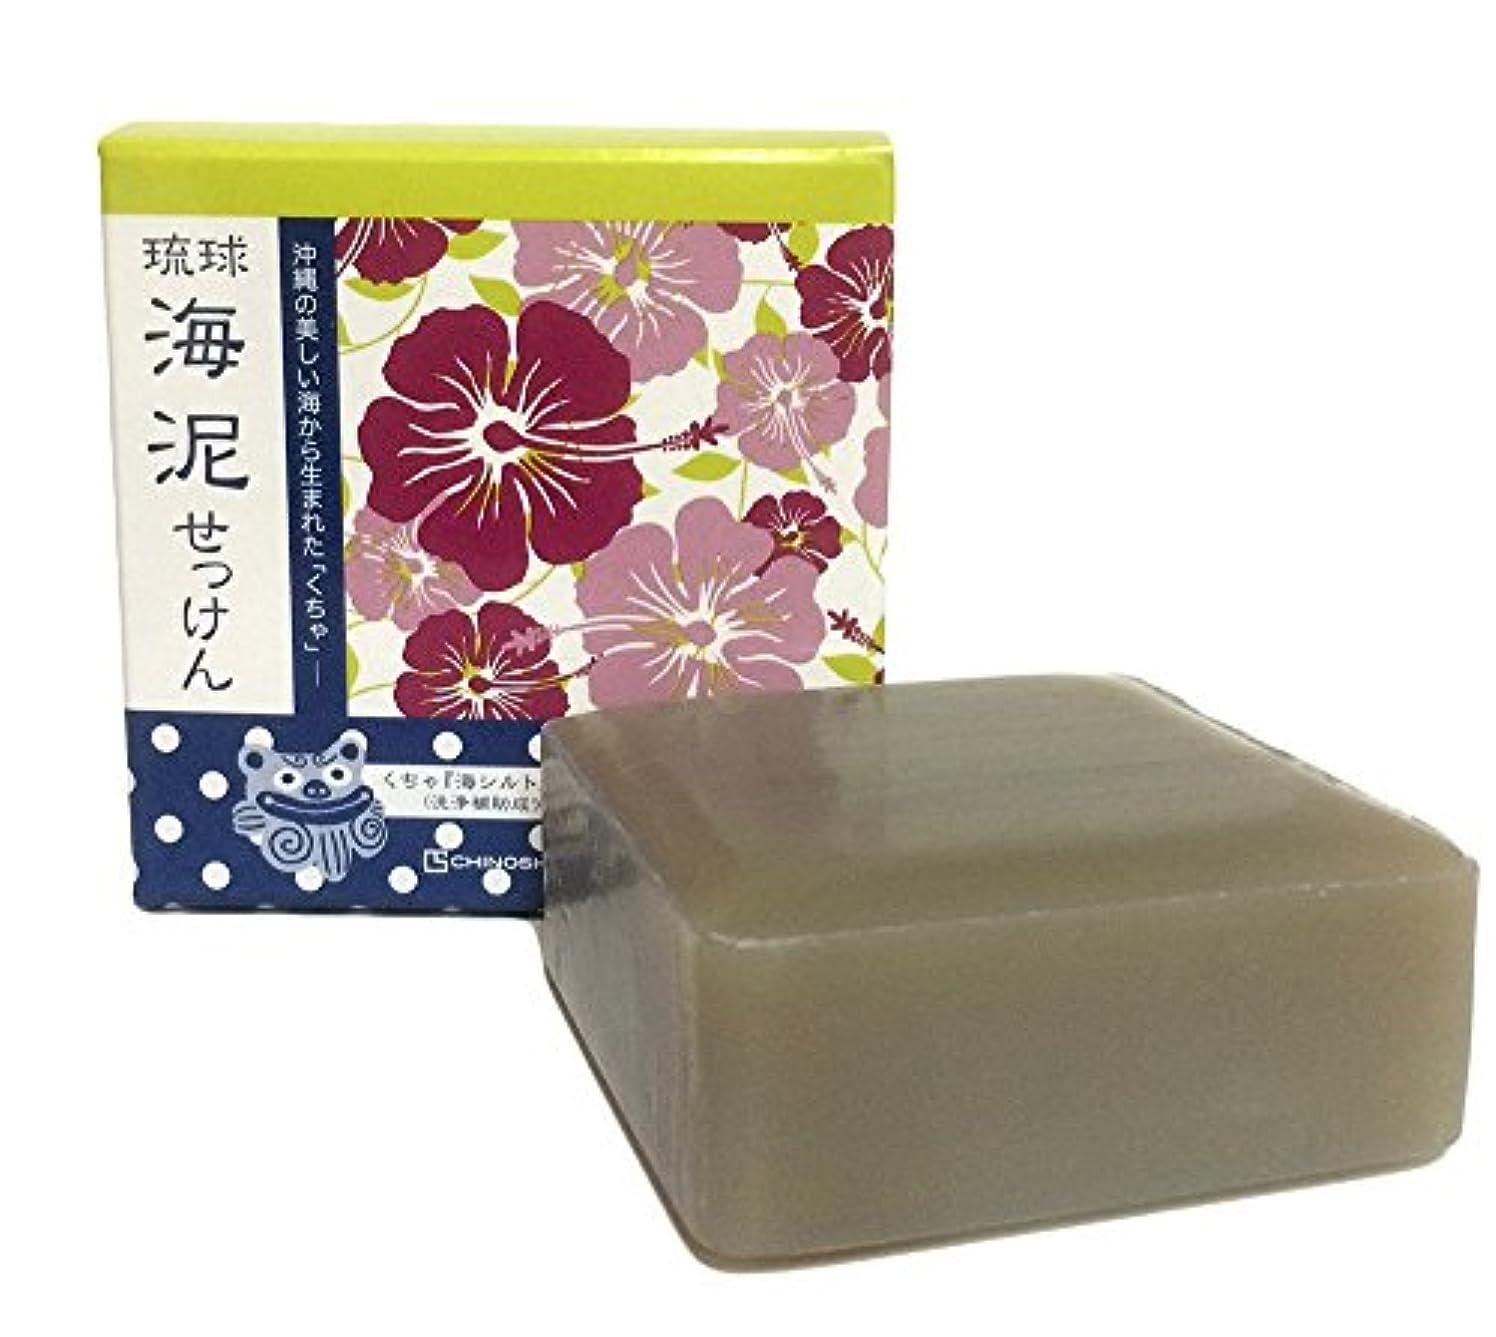 苦のり引き付ける琉球海泥せっけん(クレイソープKD)1個入